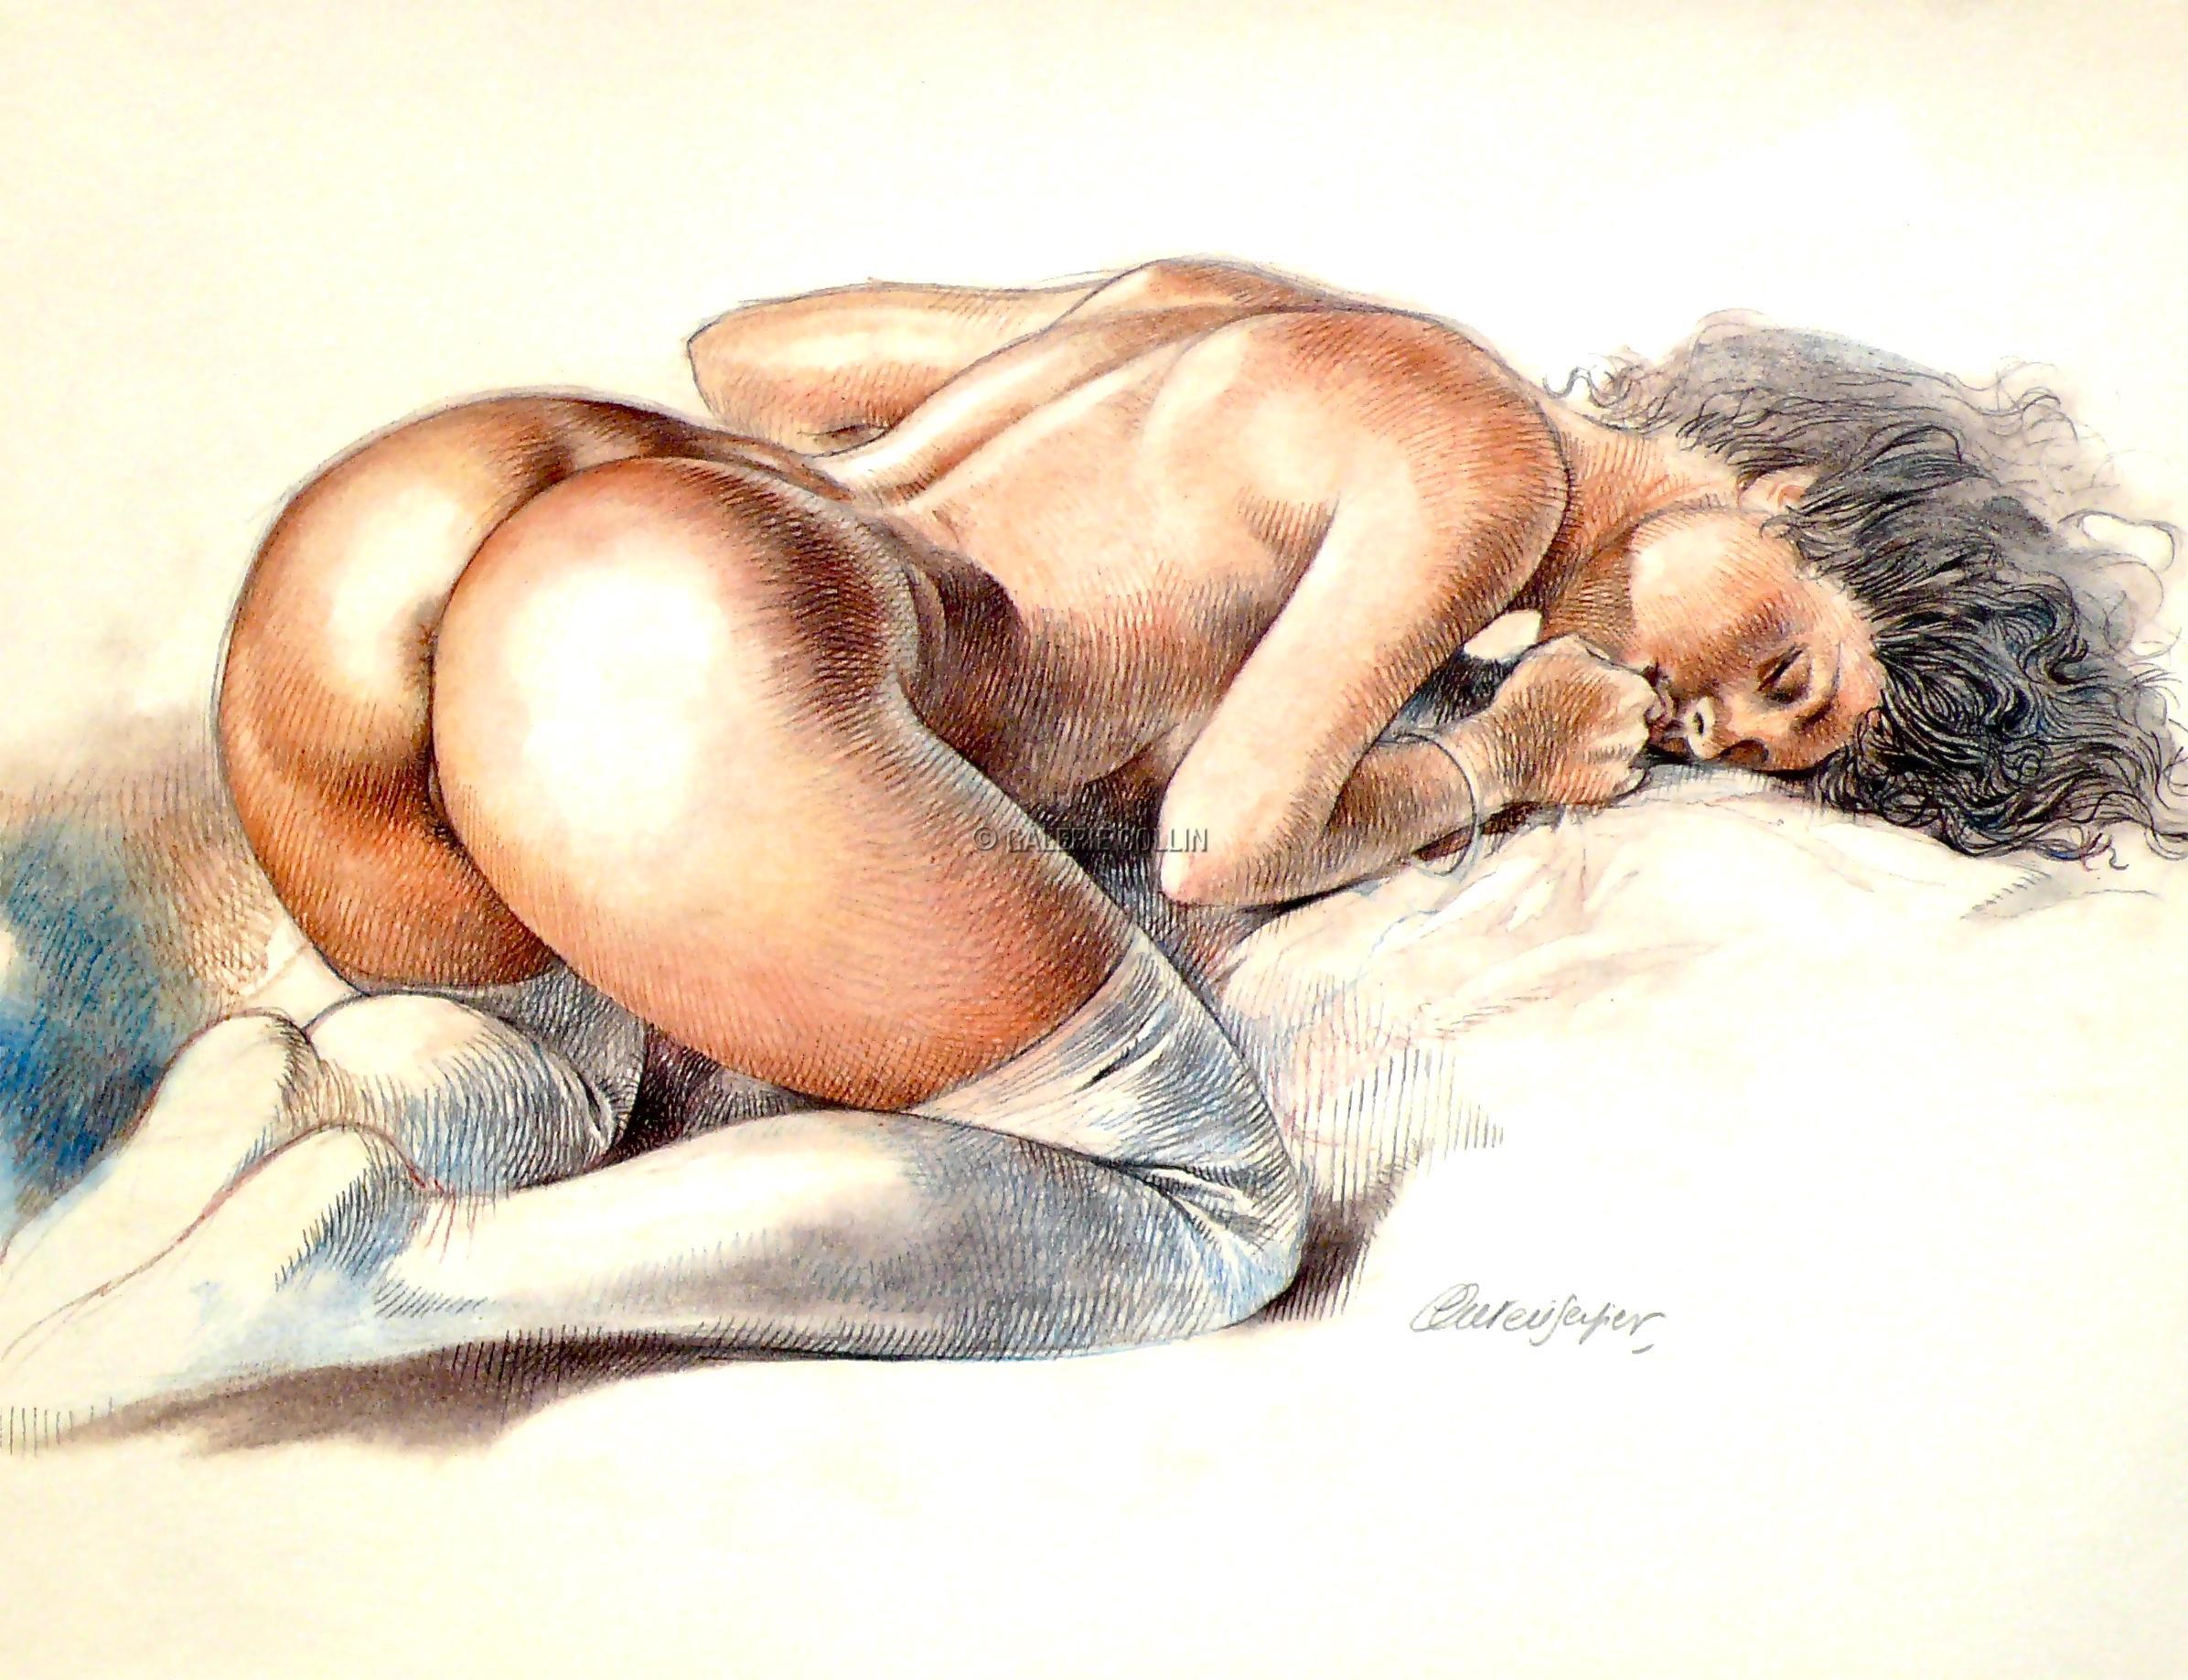 Секс в рисунках художников 9 фотография